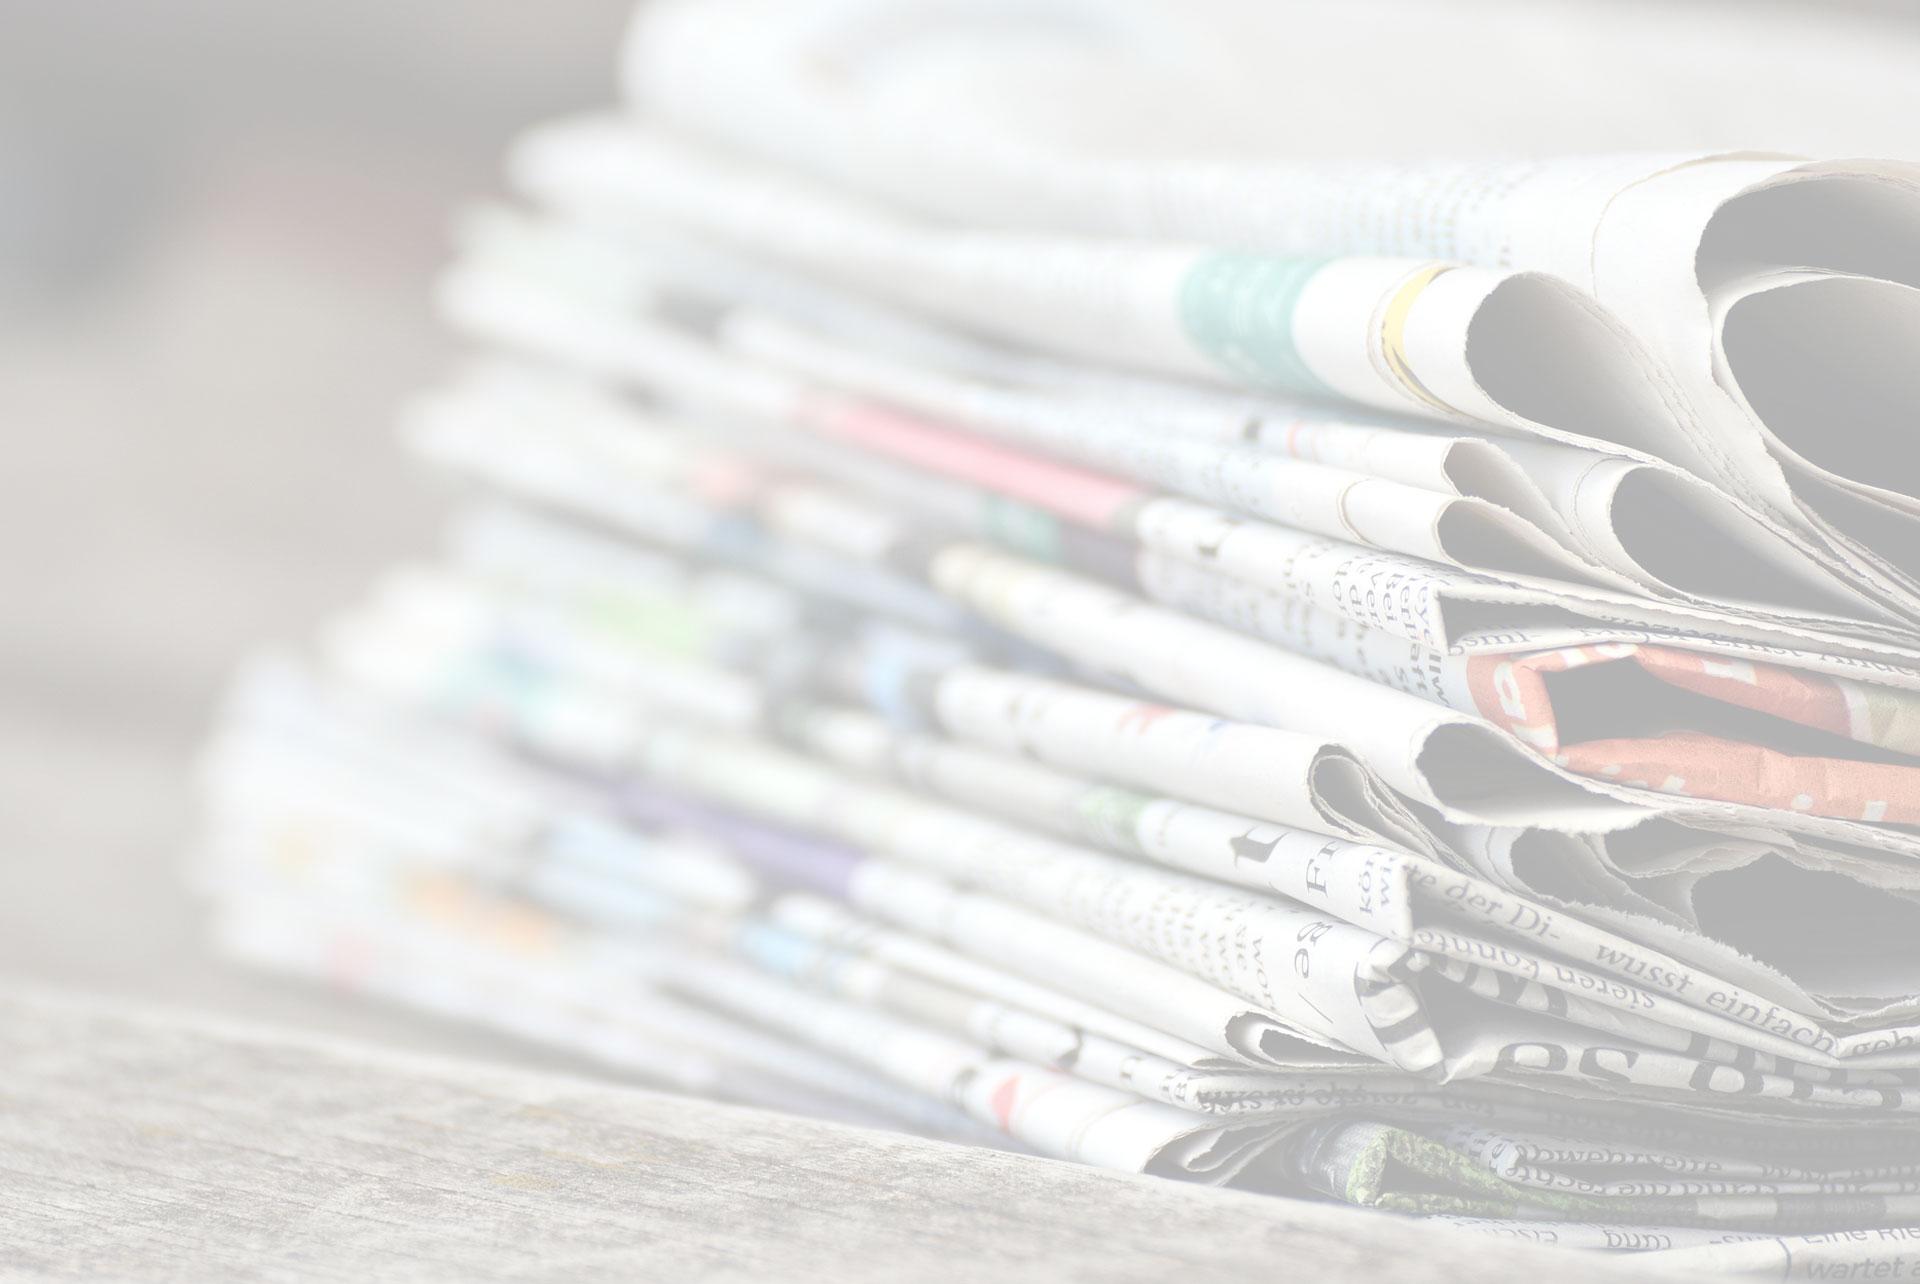 Bollo auto, nel Lazio scadenza rinviata al 30 giugno